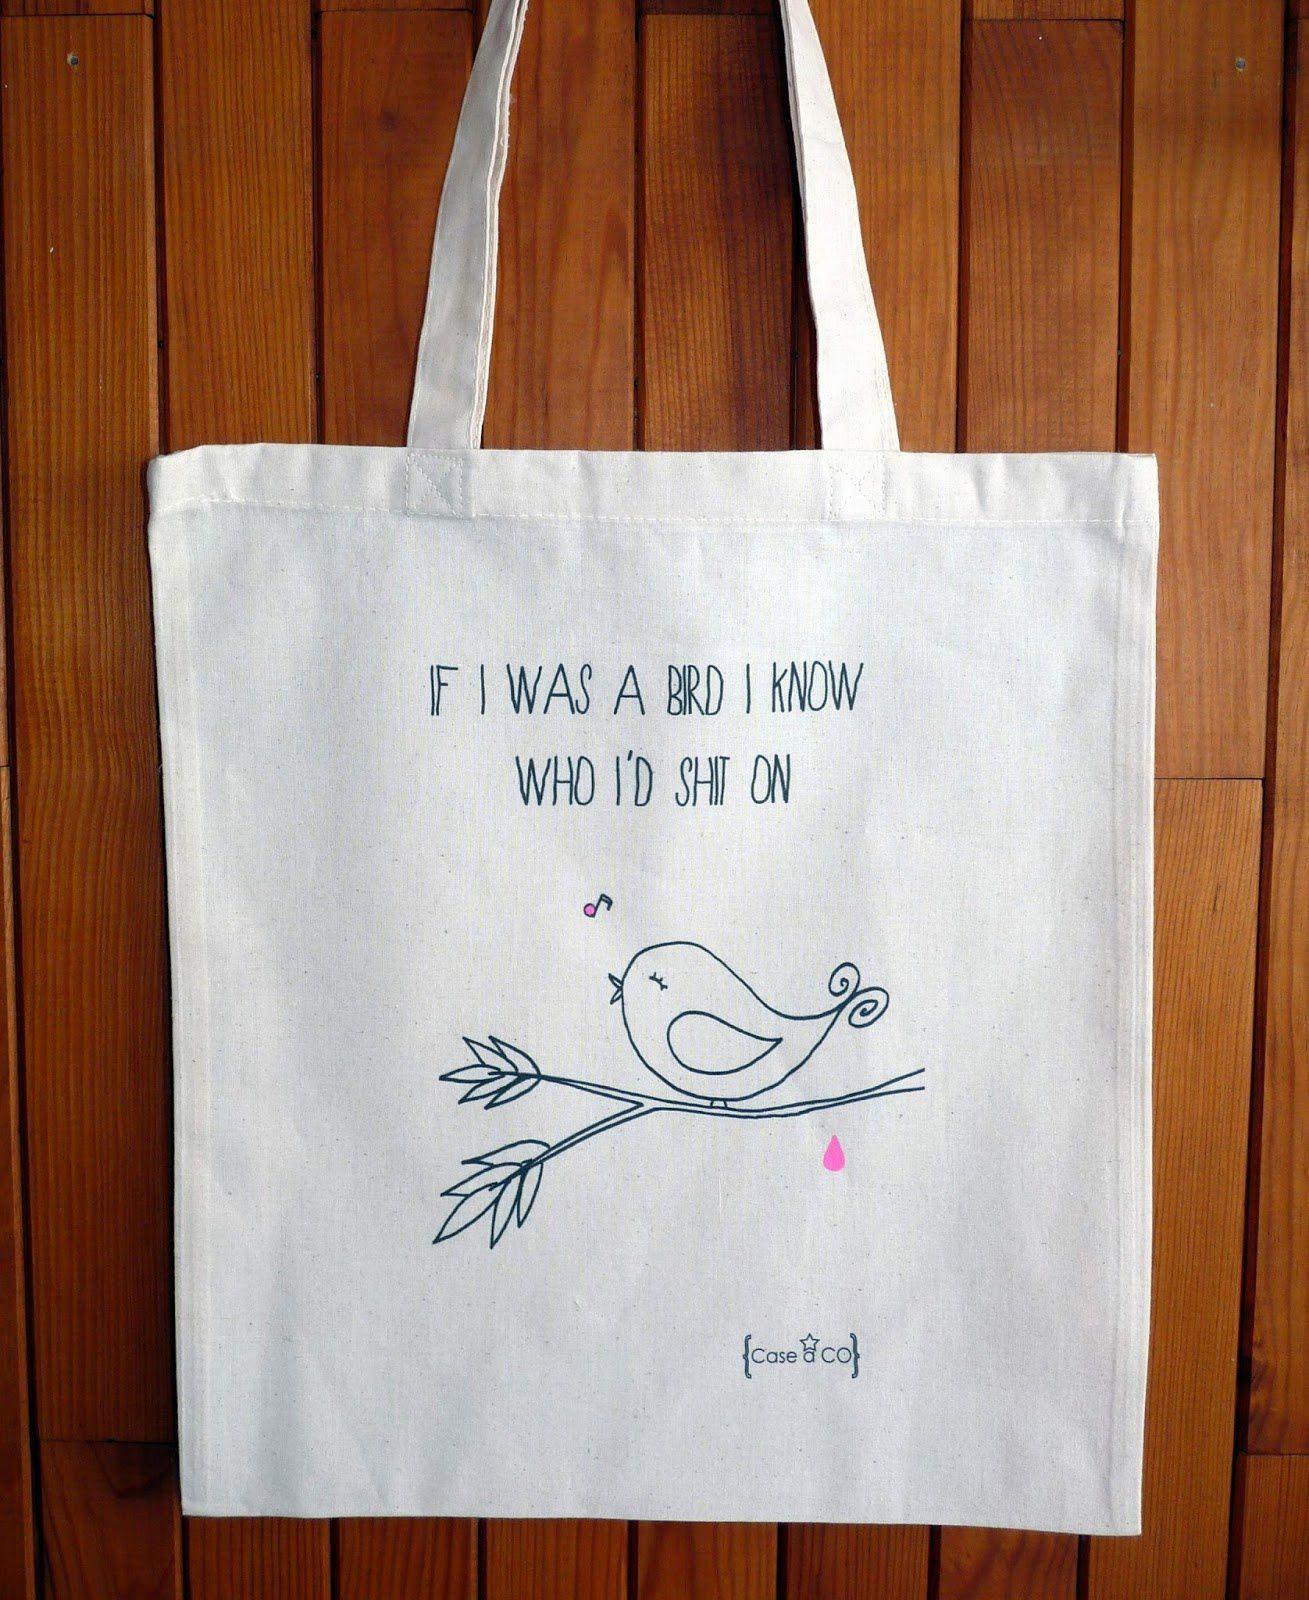 free craft links, liens creatifs gratuits 22/04/14